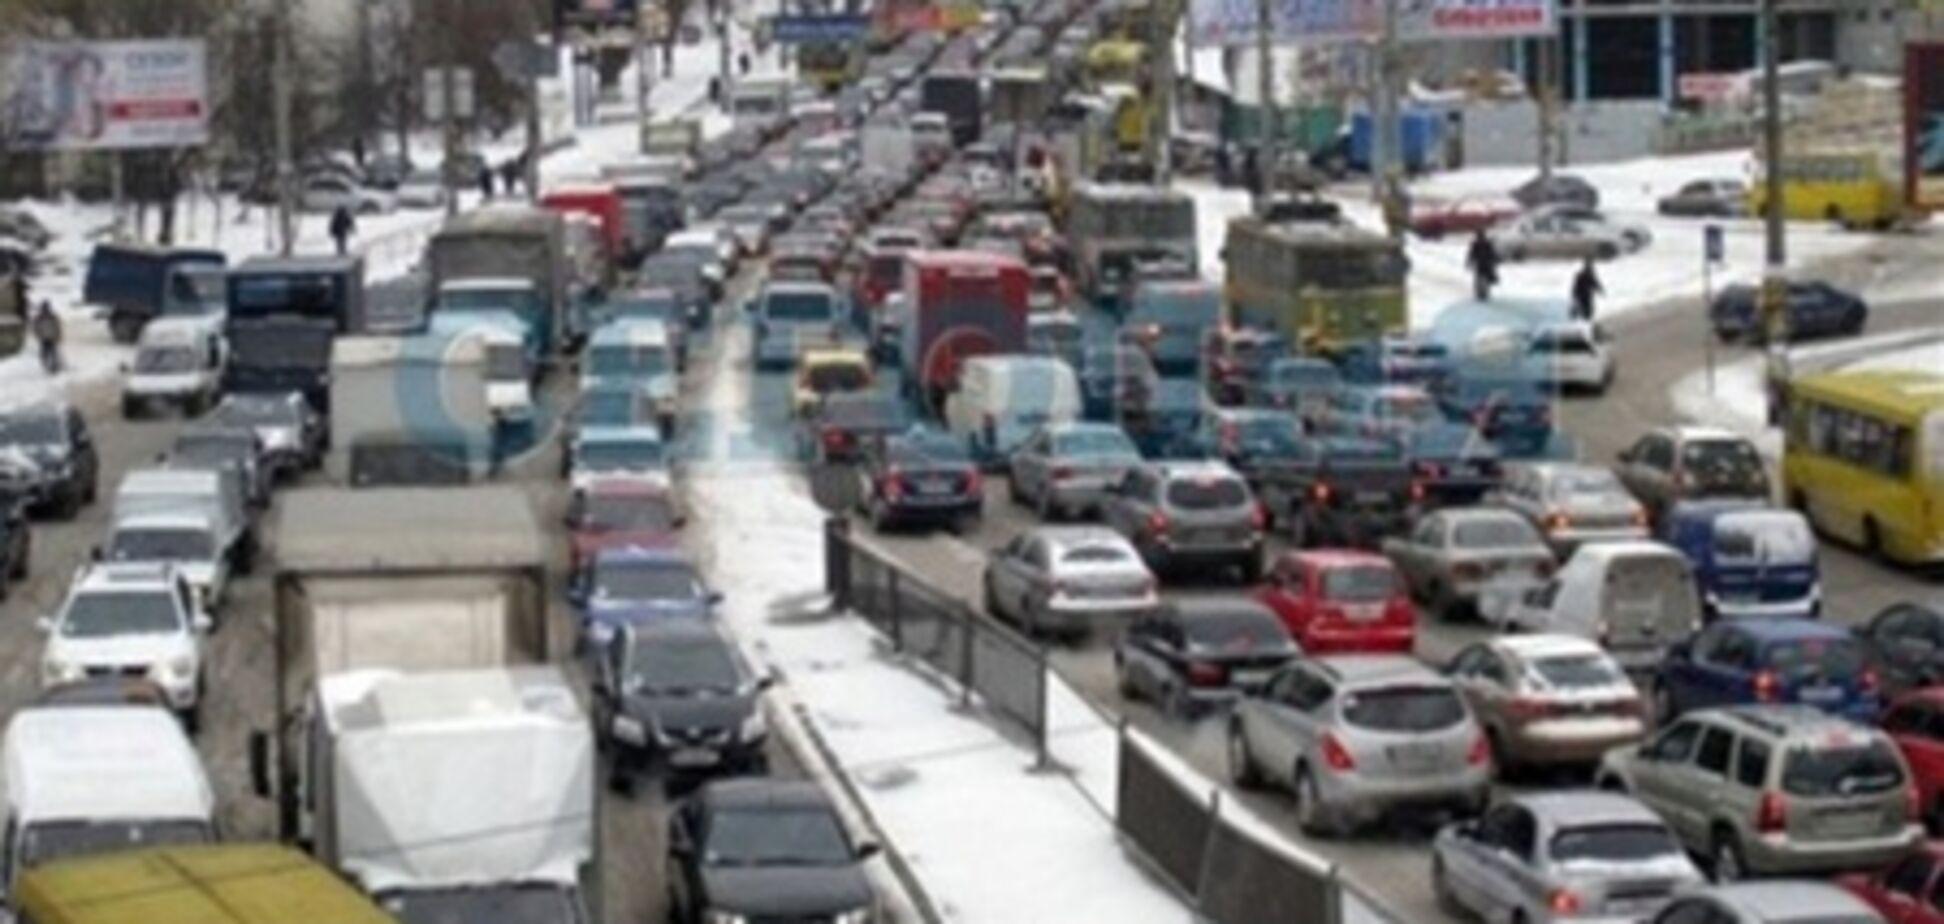 Киев попал в снежный капкан. Фото